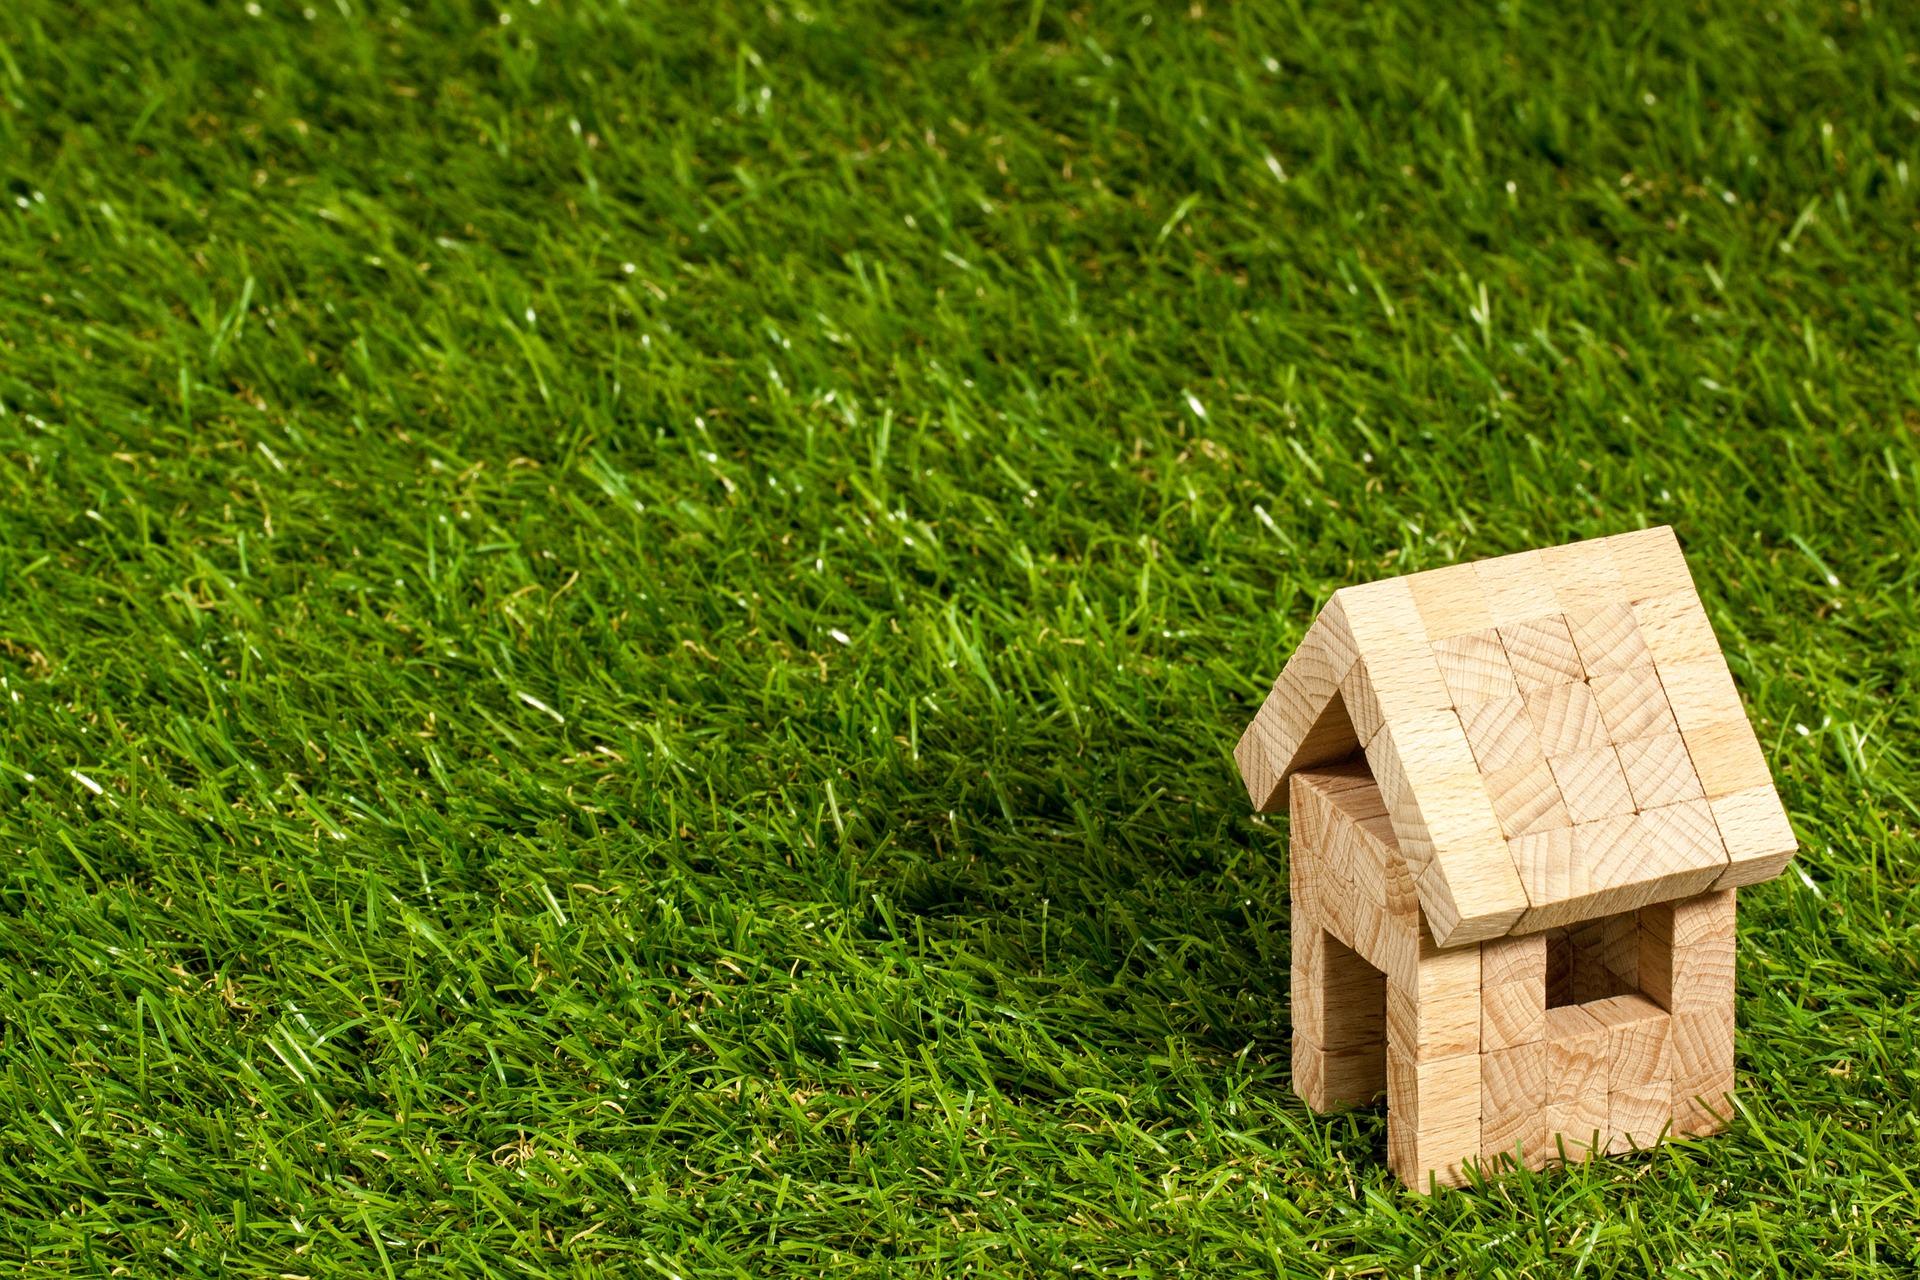 マイホームを購入するなら駅徒歩だけは妥協するな。不動産は立地がすべて。